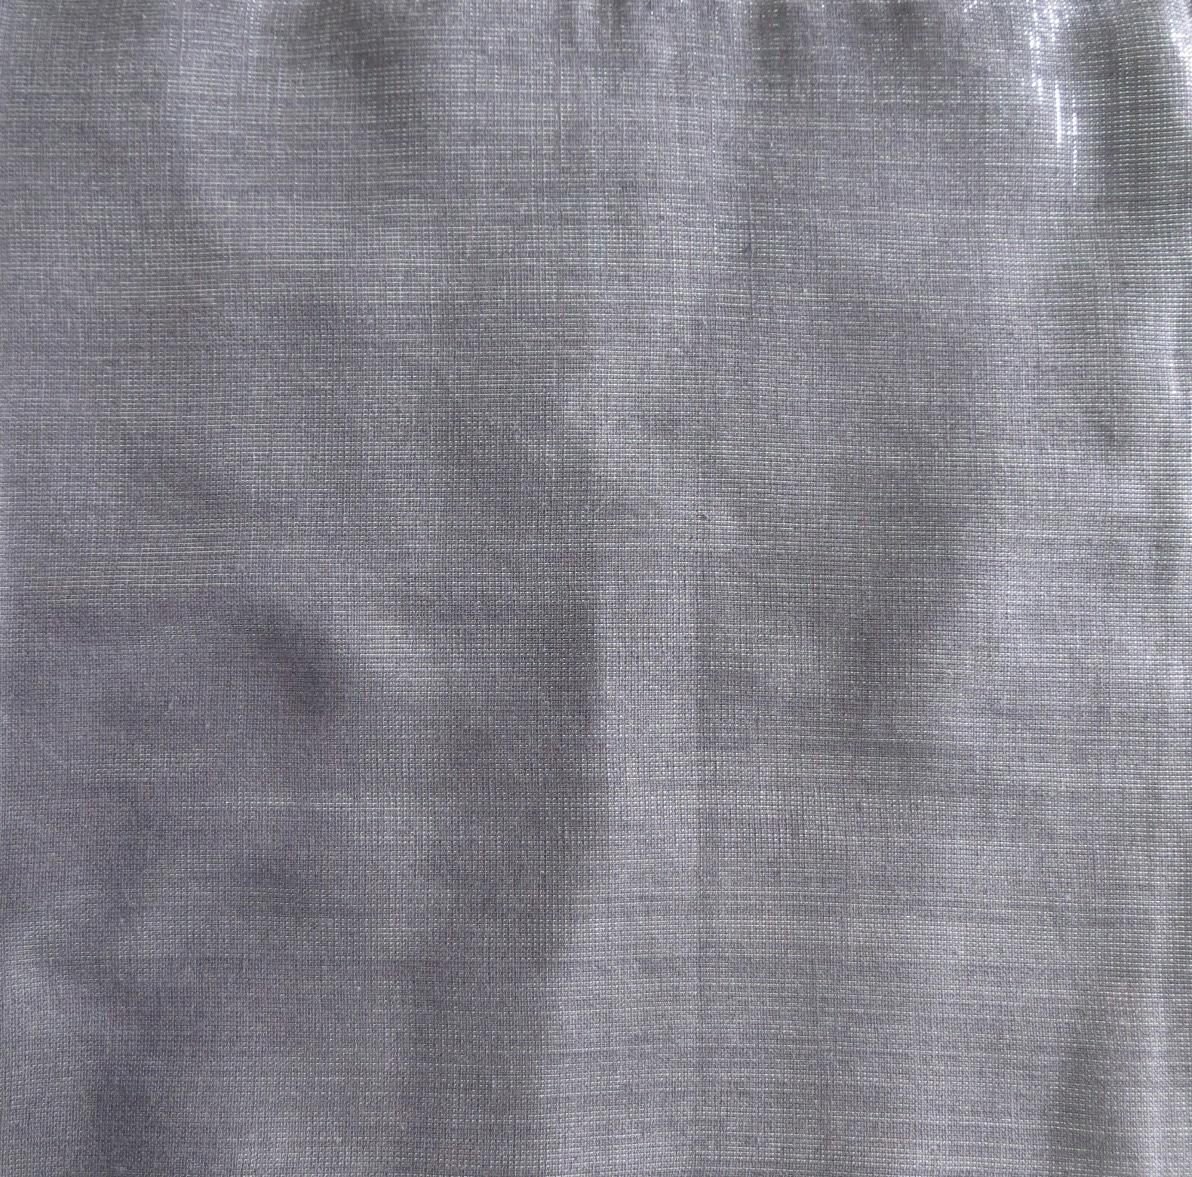 Shimmering solid tichel medium gray